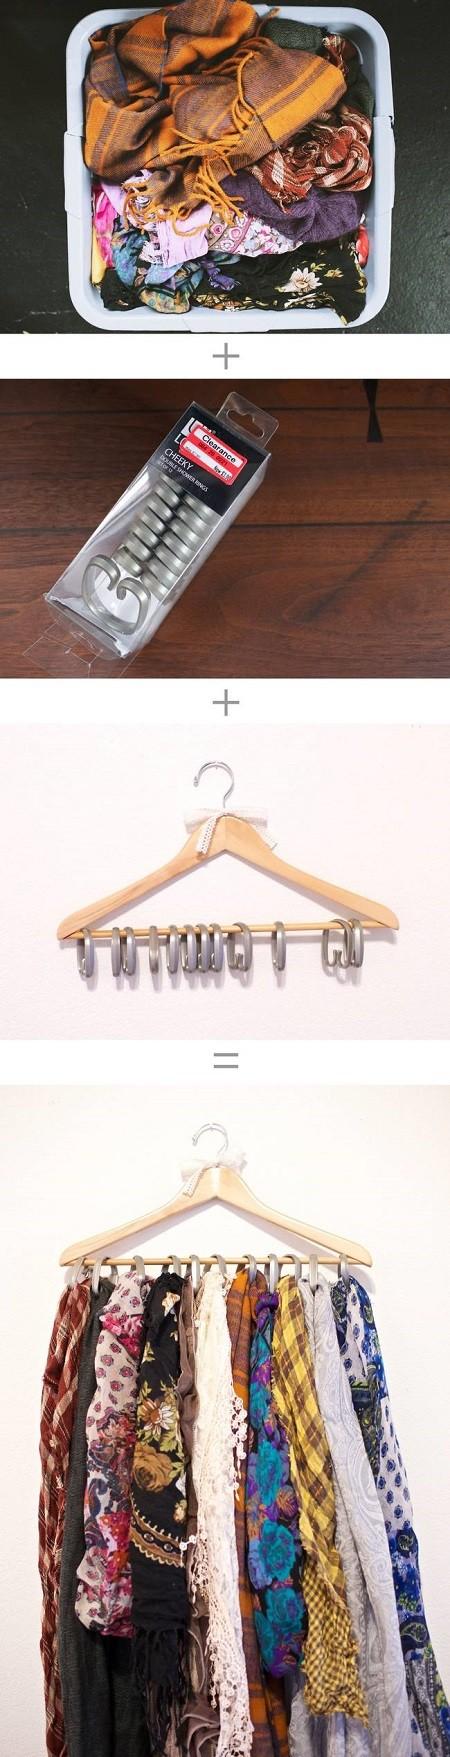 10-idees-de-rangement-pour-mieux-vous-organiser-8